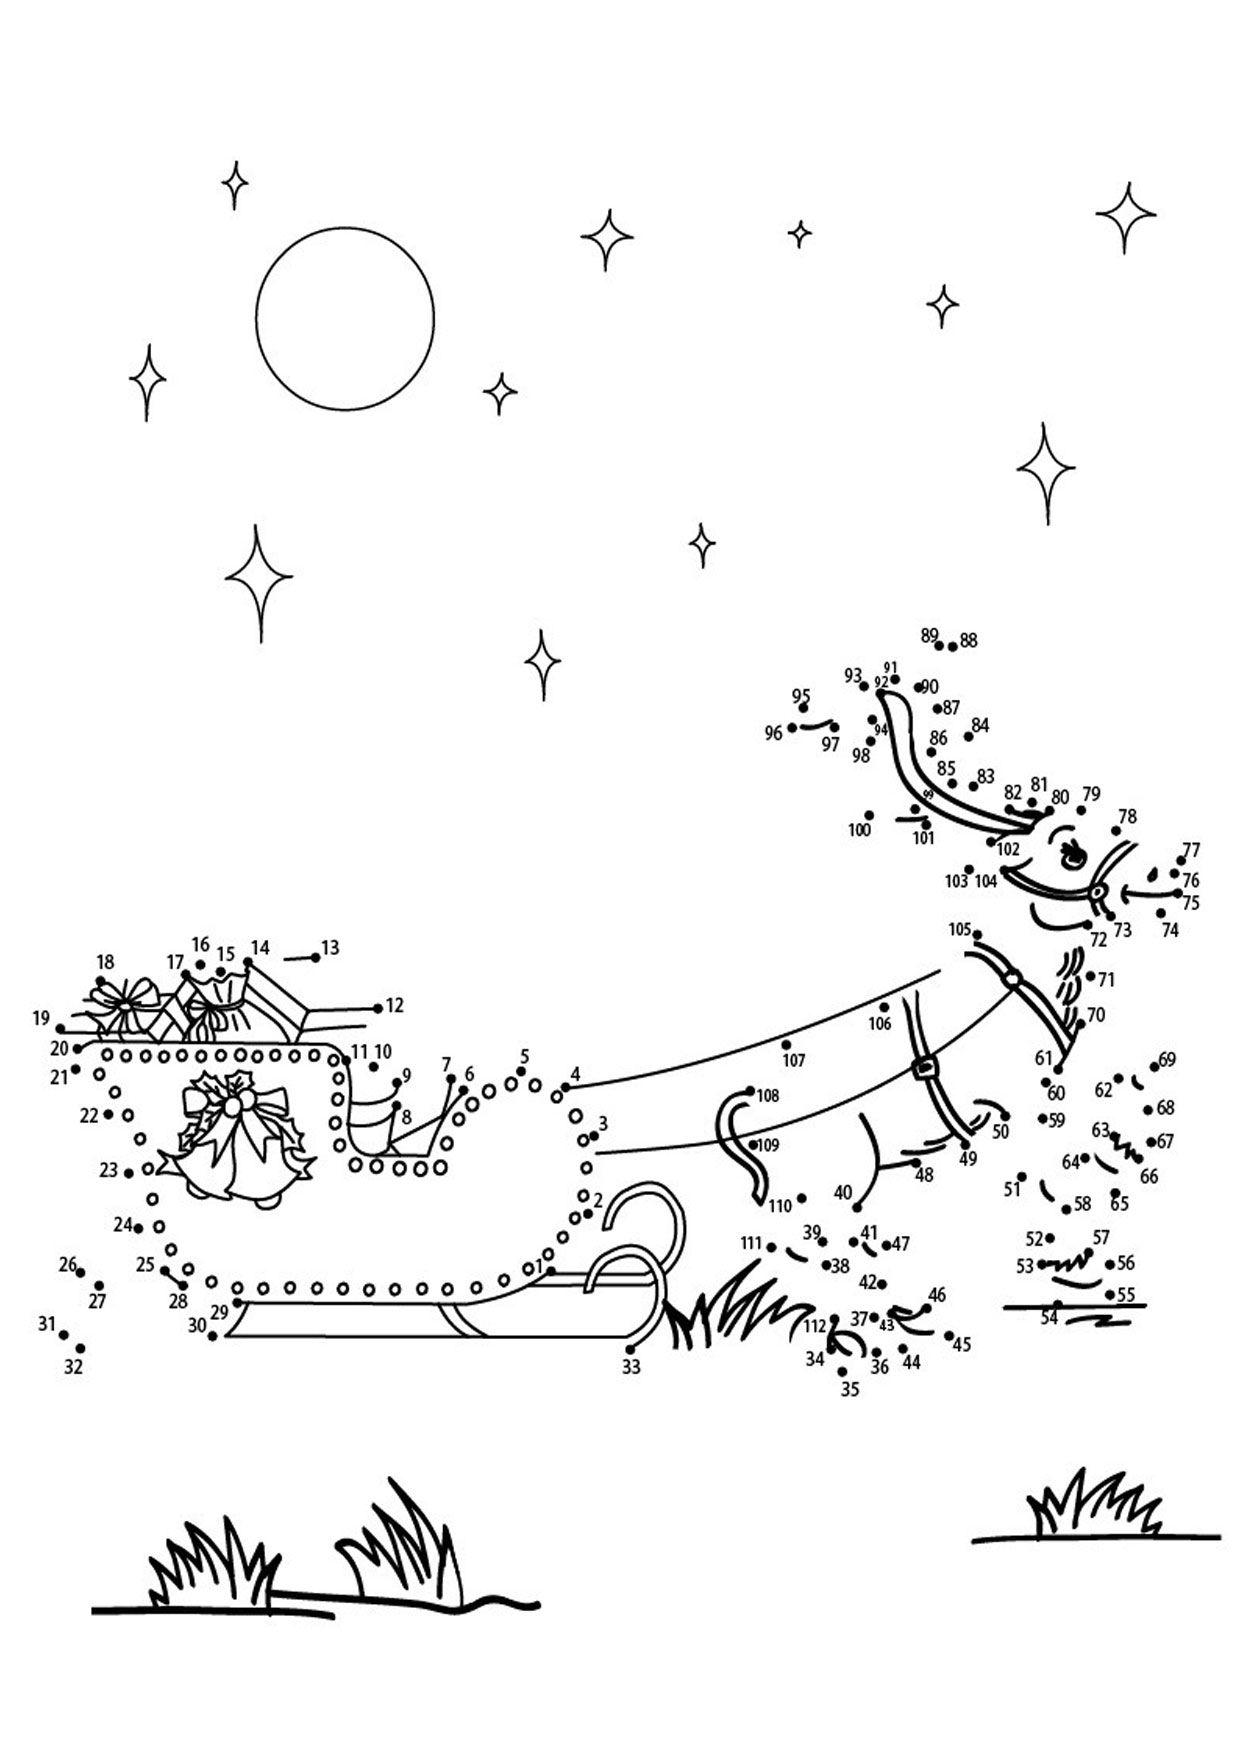 Disegni Di Natale Da Unire Con I Puntini.Unisci I Puntini Sul Natale Da Stampare Per Bambini Schede Natale Bambini Di Natale Stampe Per Bambini